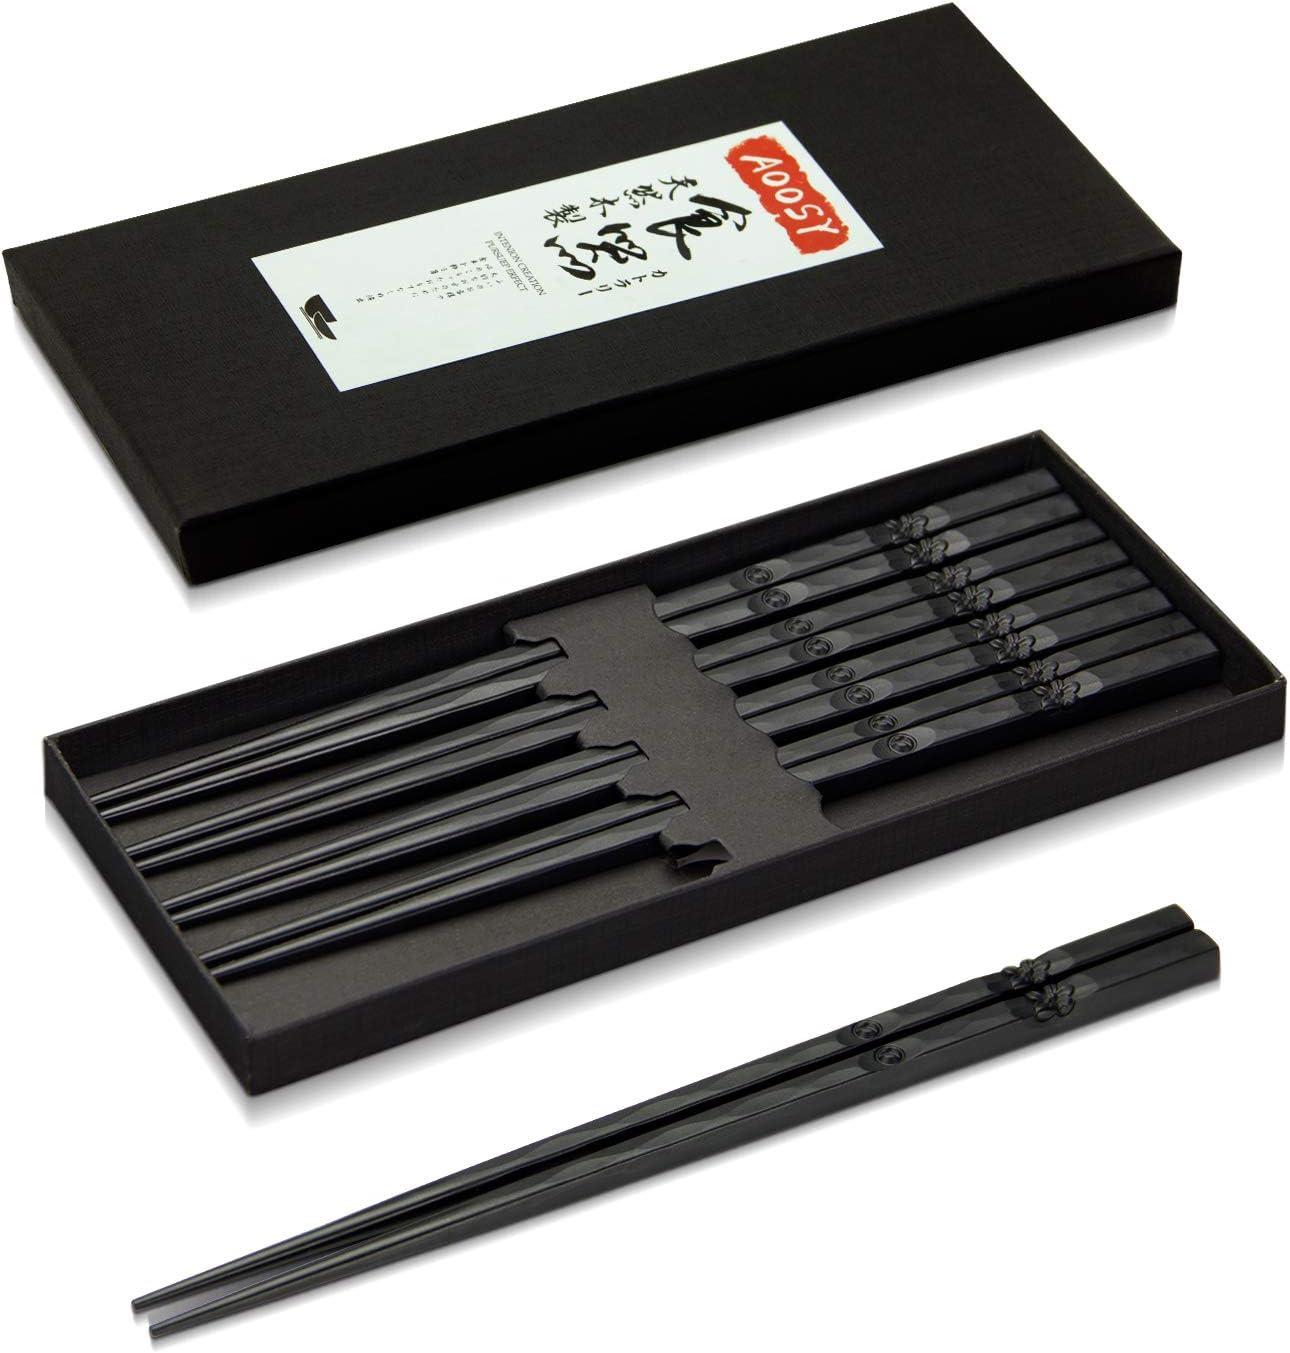 AOOSY 5 pares de palillos de fibra de vidrio aptos para lavavajillas, estilo japonés Hermoso patrón Palillos antideslizantes de sushi negro Palillos de aleación negra con caja de regalo